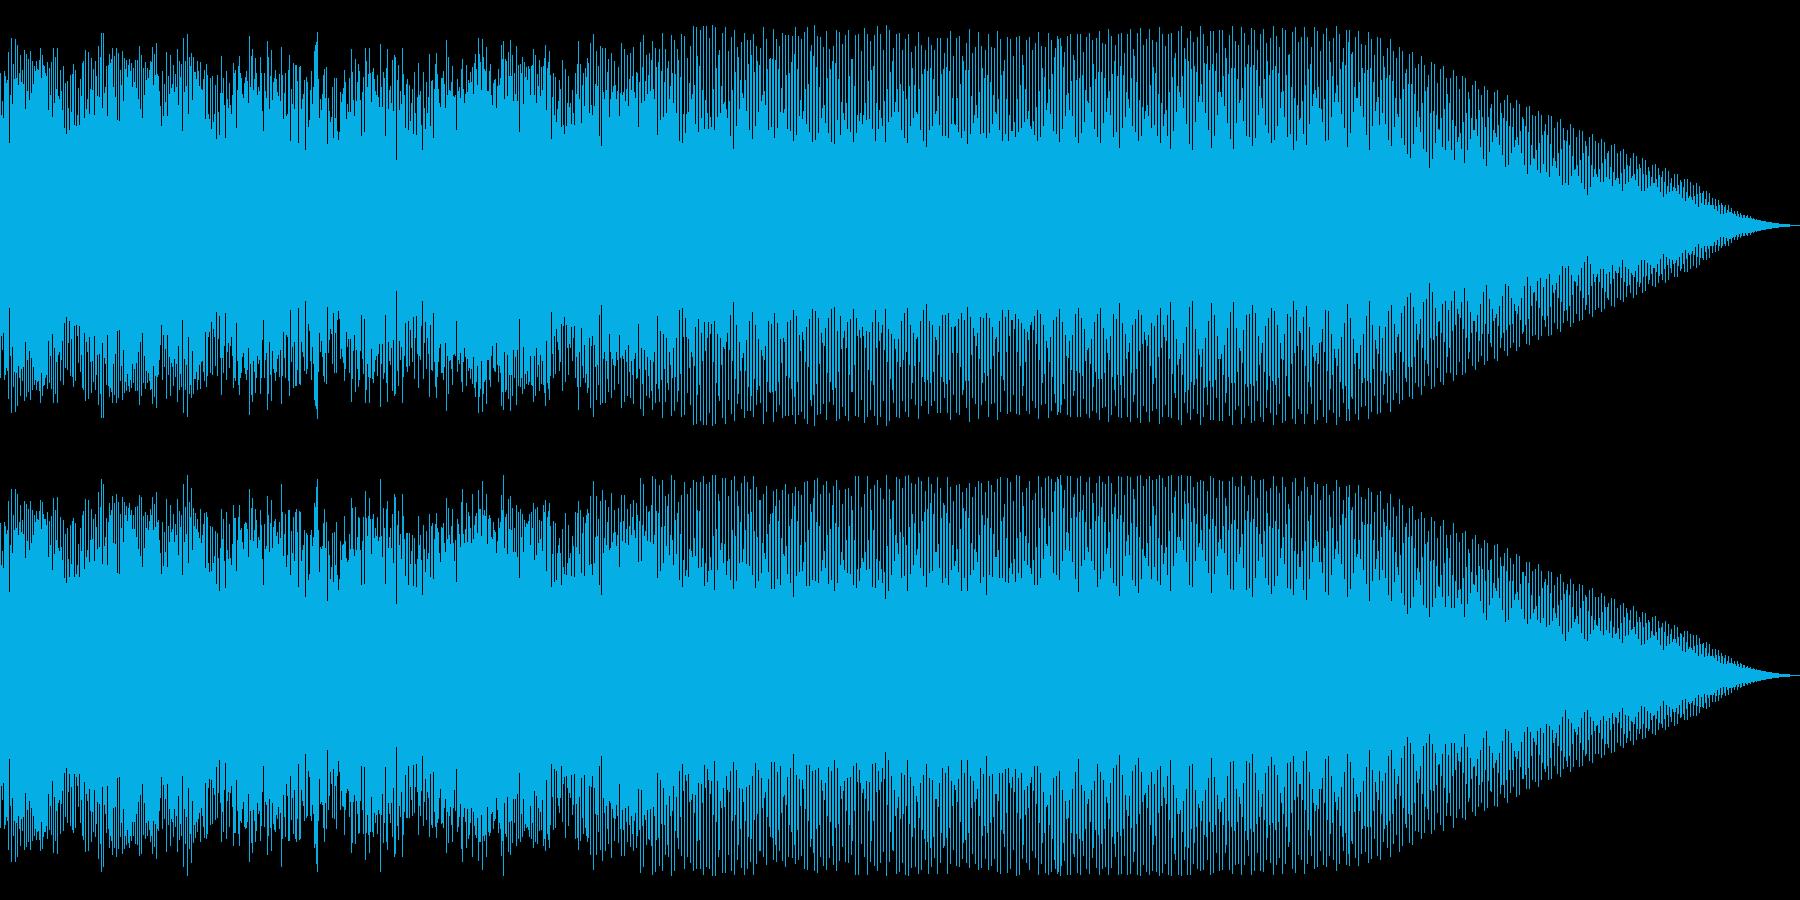 メタルギター ツインギターなフレーズの再生済みの波形